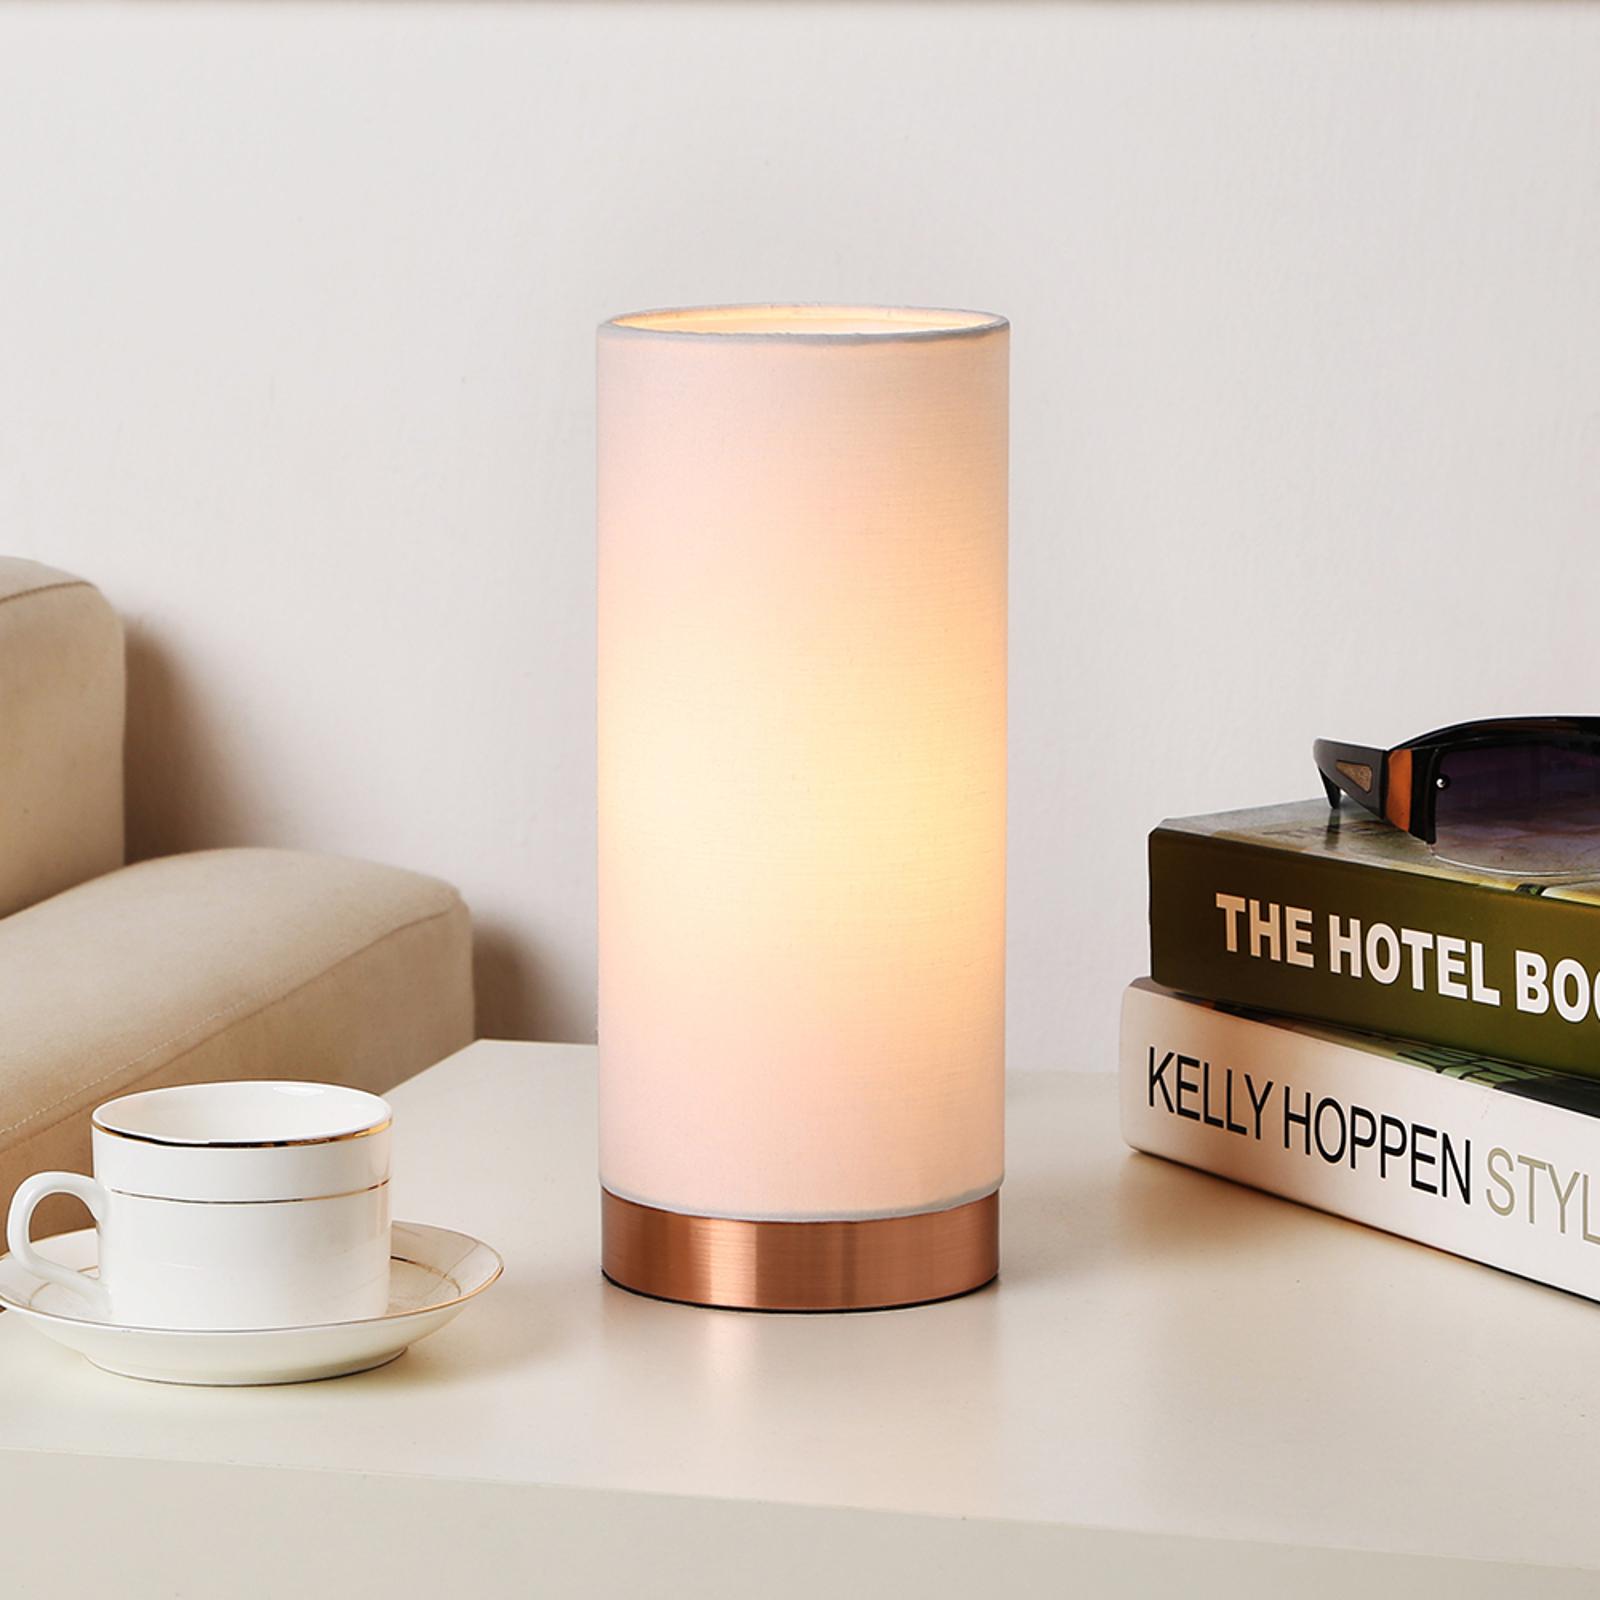 Vit bordslampa Rona med kopparfärgad fot